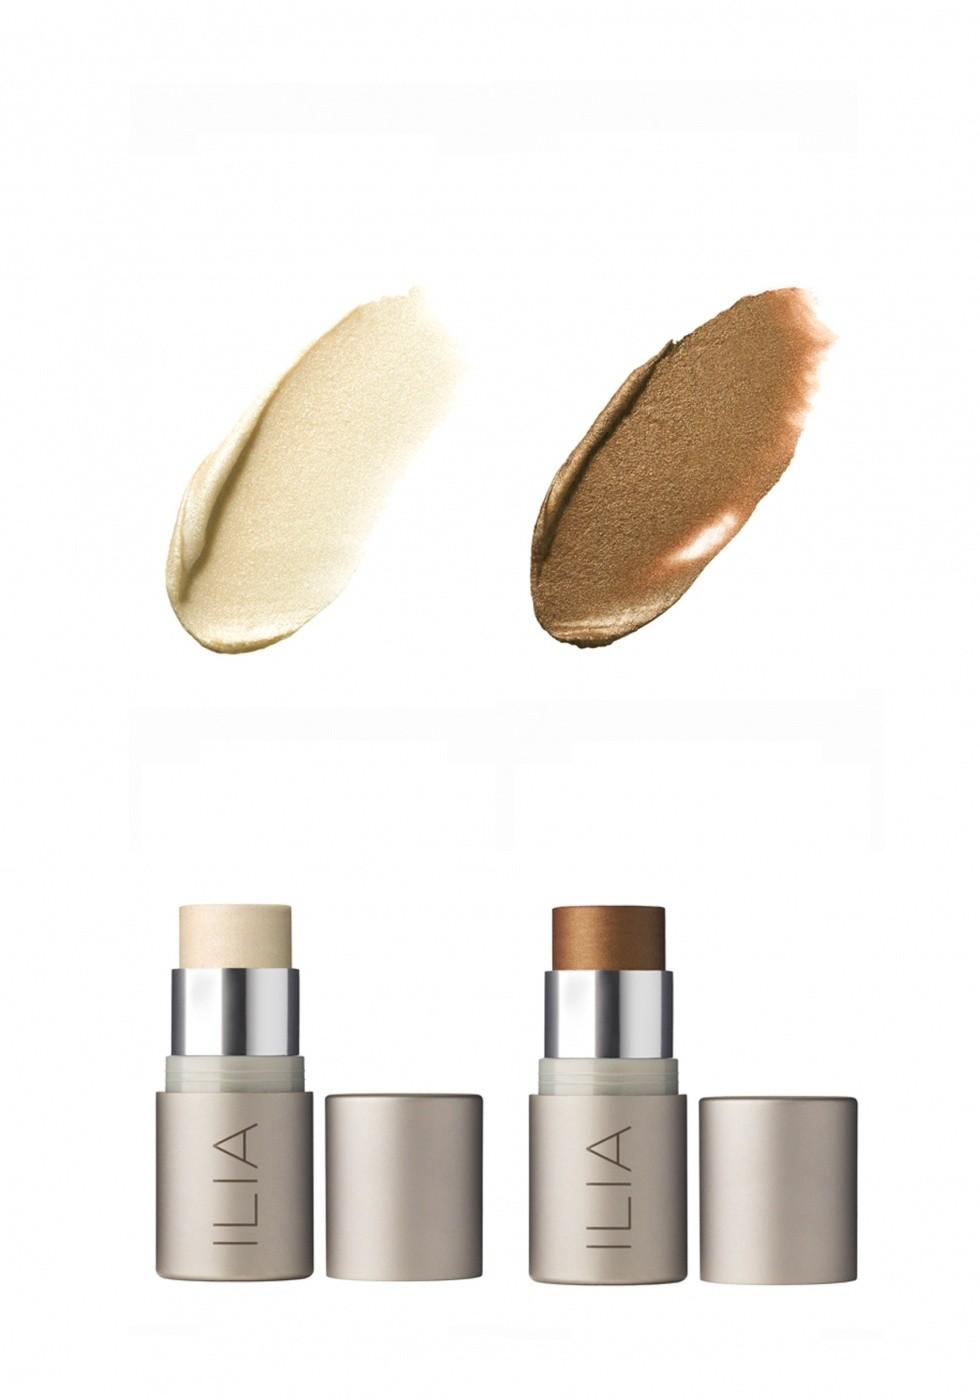 Bild 2_Highlighter_Bronzer_Produkte